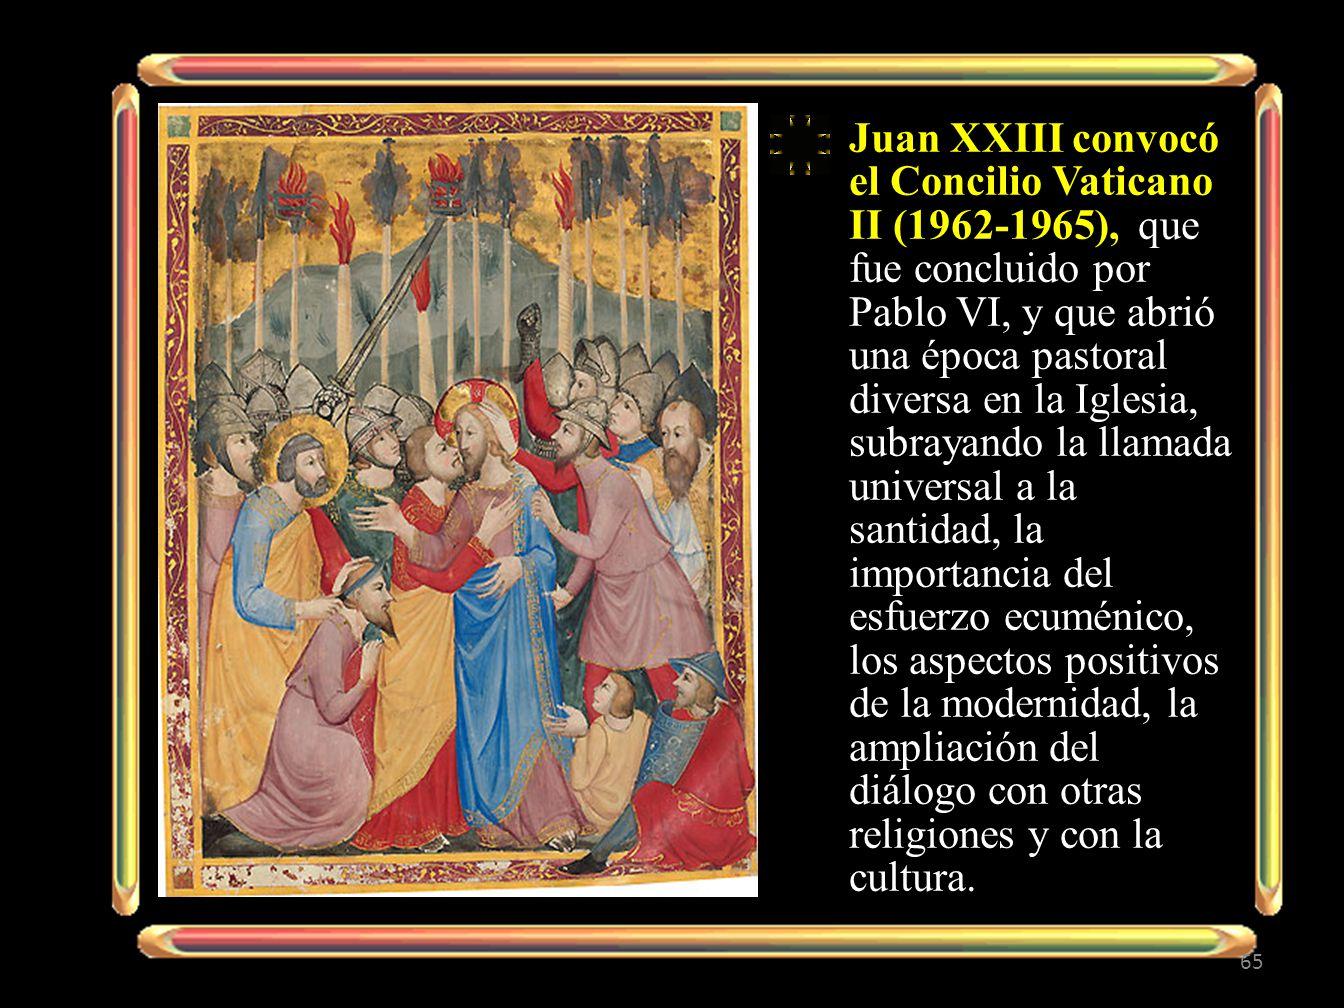 Juan XXIII convocó el Concilio Vaticano II (1962-1965), que fue concluido por Pablo VI, y que abrió una época pastoral diversa en la Iglesia, subrayando la llamada universal a la santidad, la importancia del esfuerzo ecuménico, los aspectos positivos de la modernidad, la ampliación del diálogo con otras religiones y con la cultura.